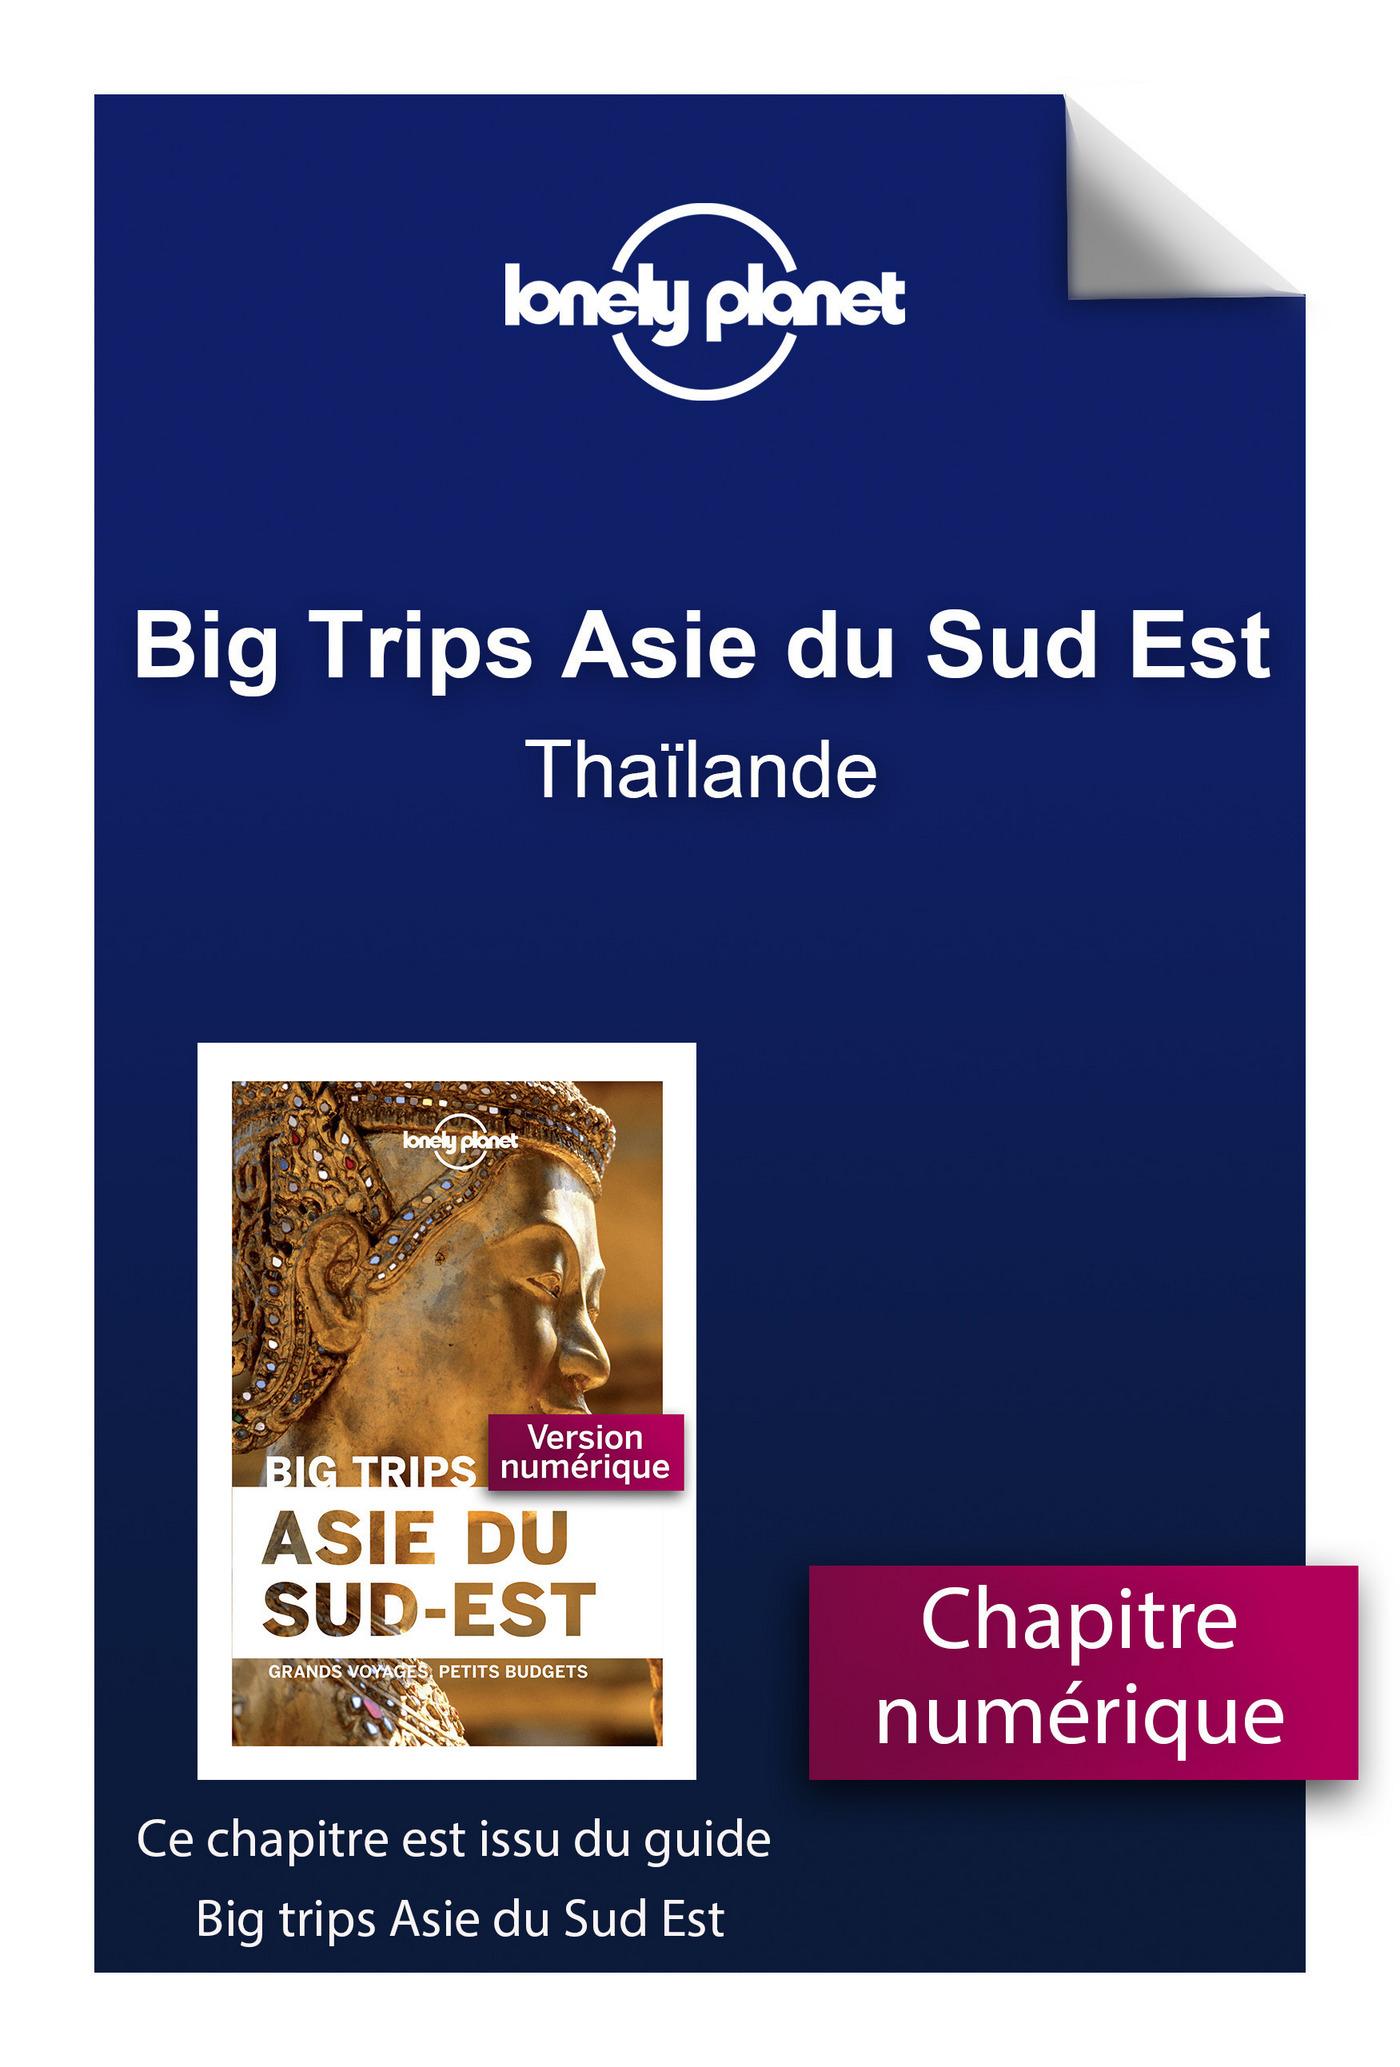 Big Trips Asie du Sud-Est - Thaïlande